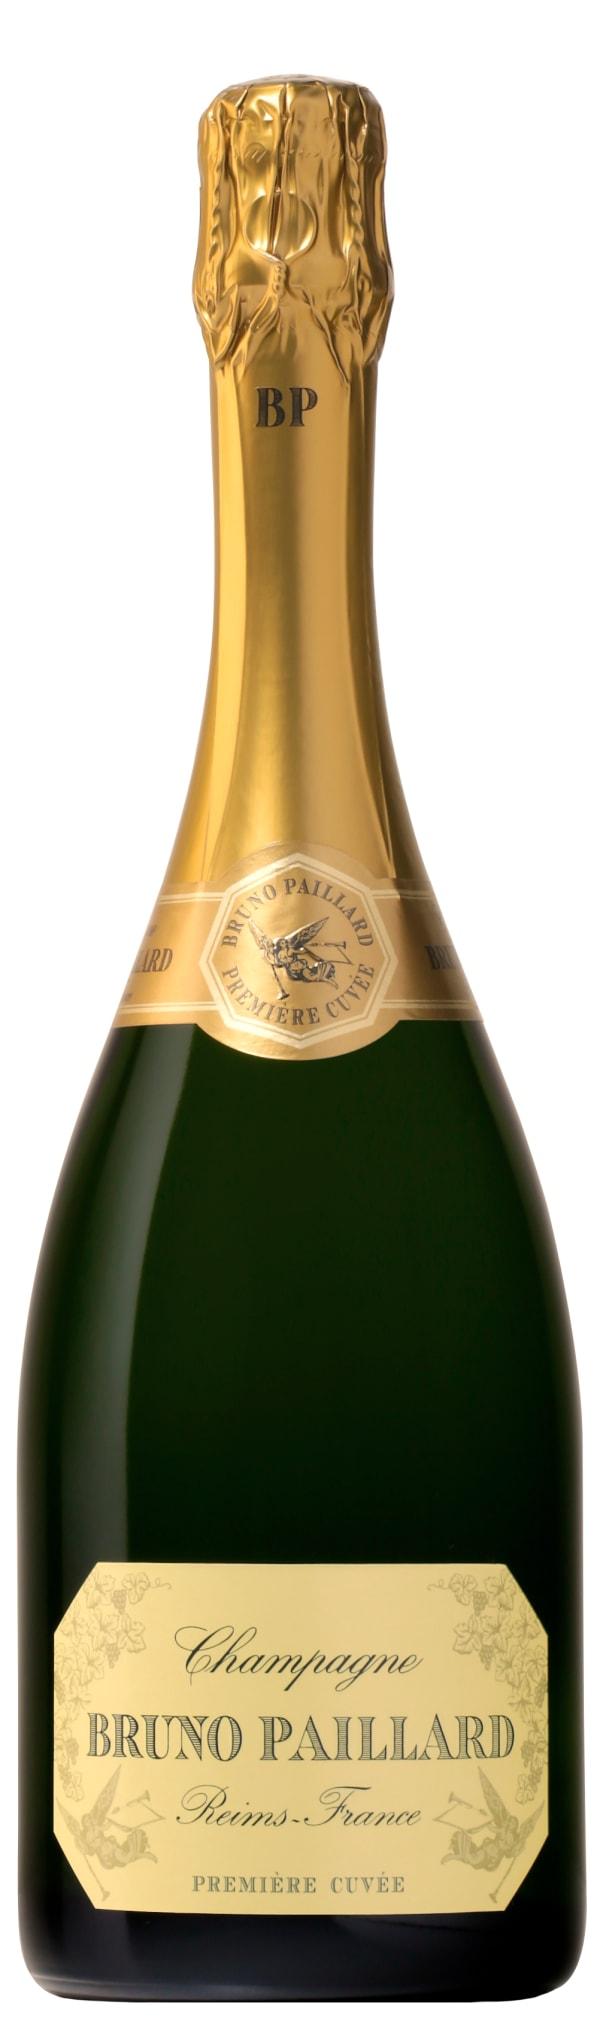 Bruno Paillard Première Cuvée Champagne Extra Brut